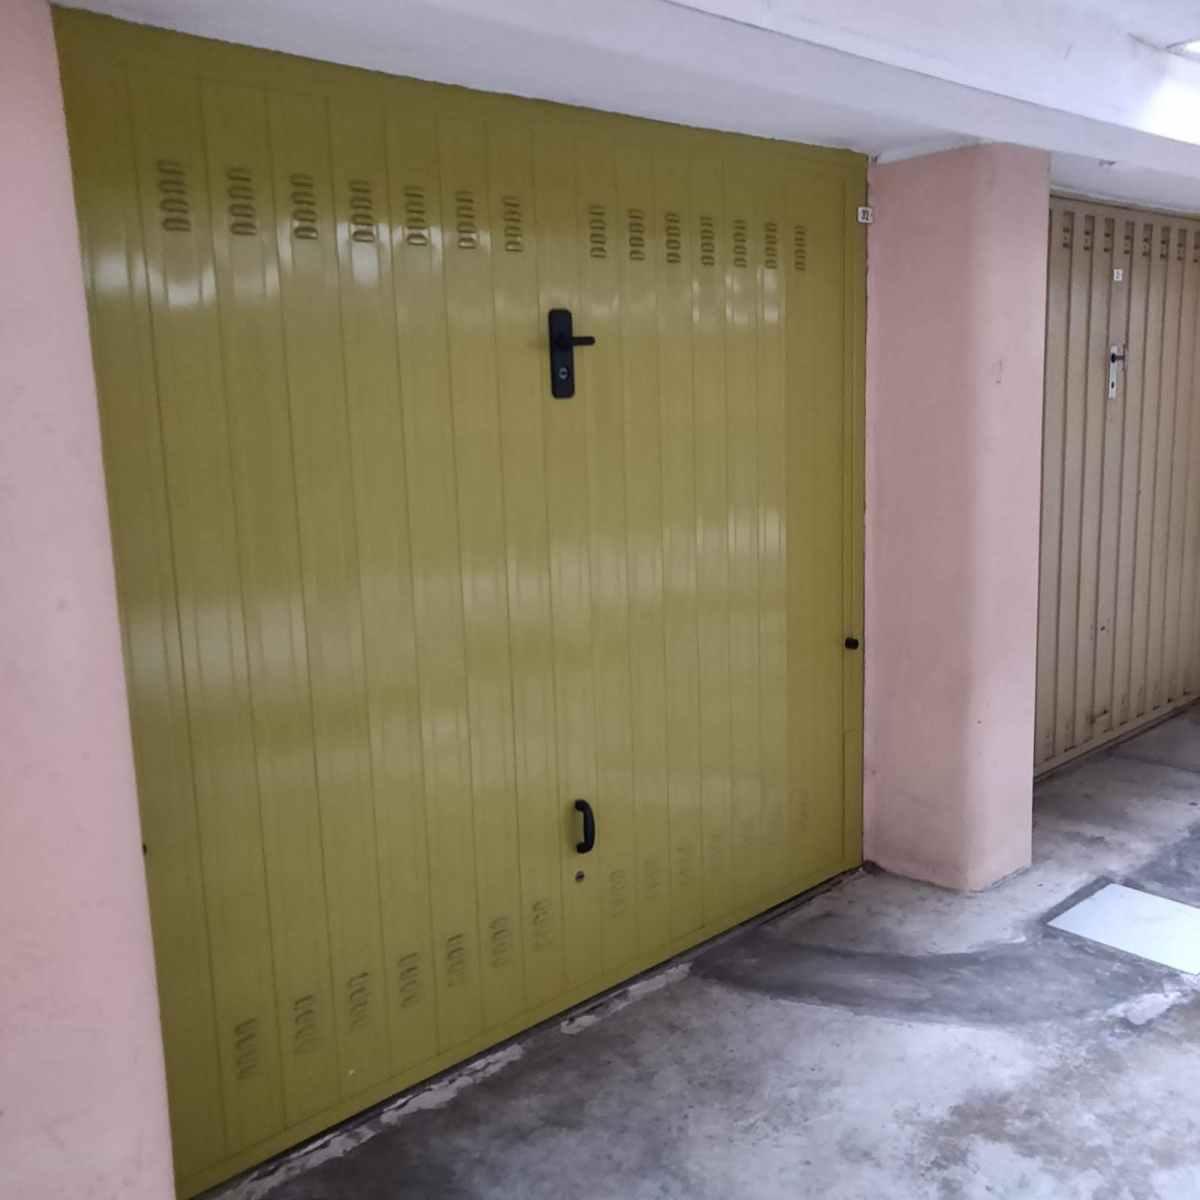 appartemento-baggio-milano-2-locali-bilocale-spaziourbano-immobiliare-vende-29